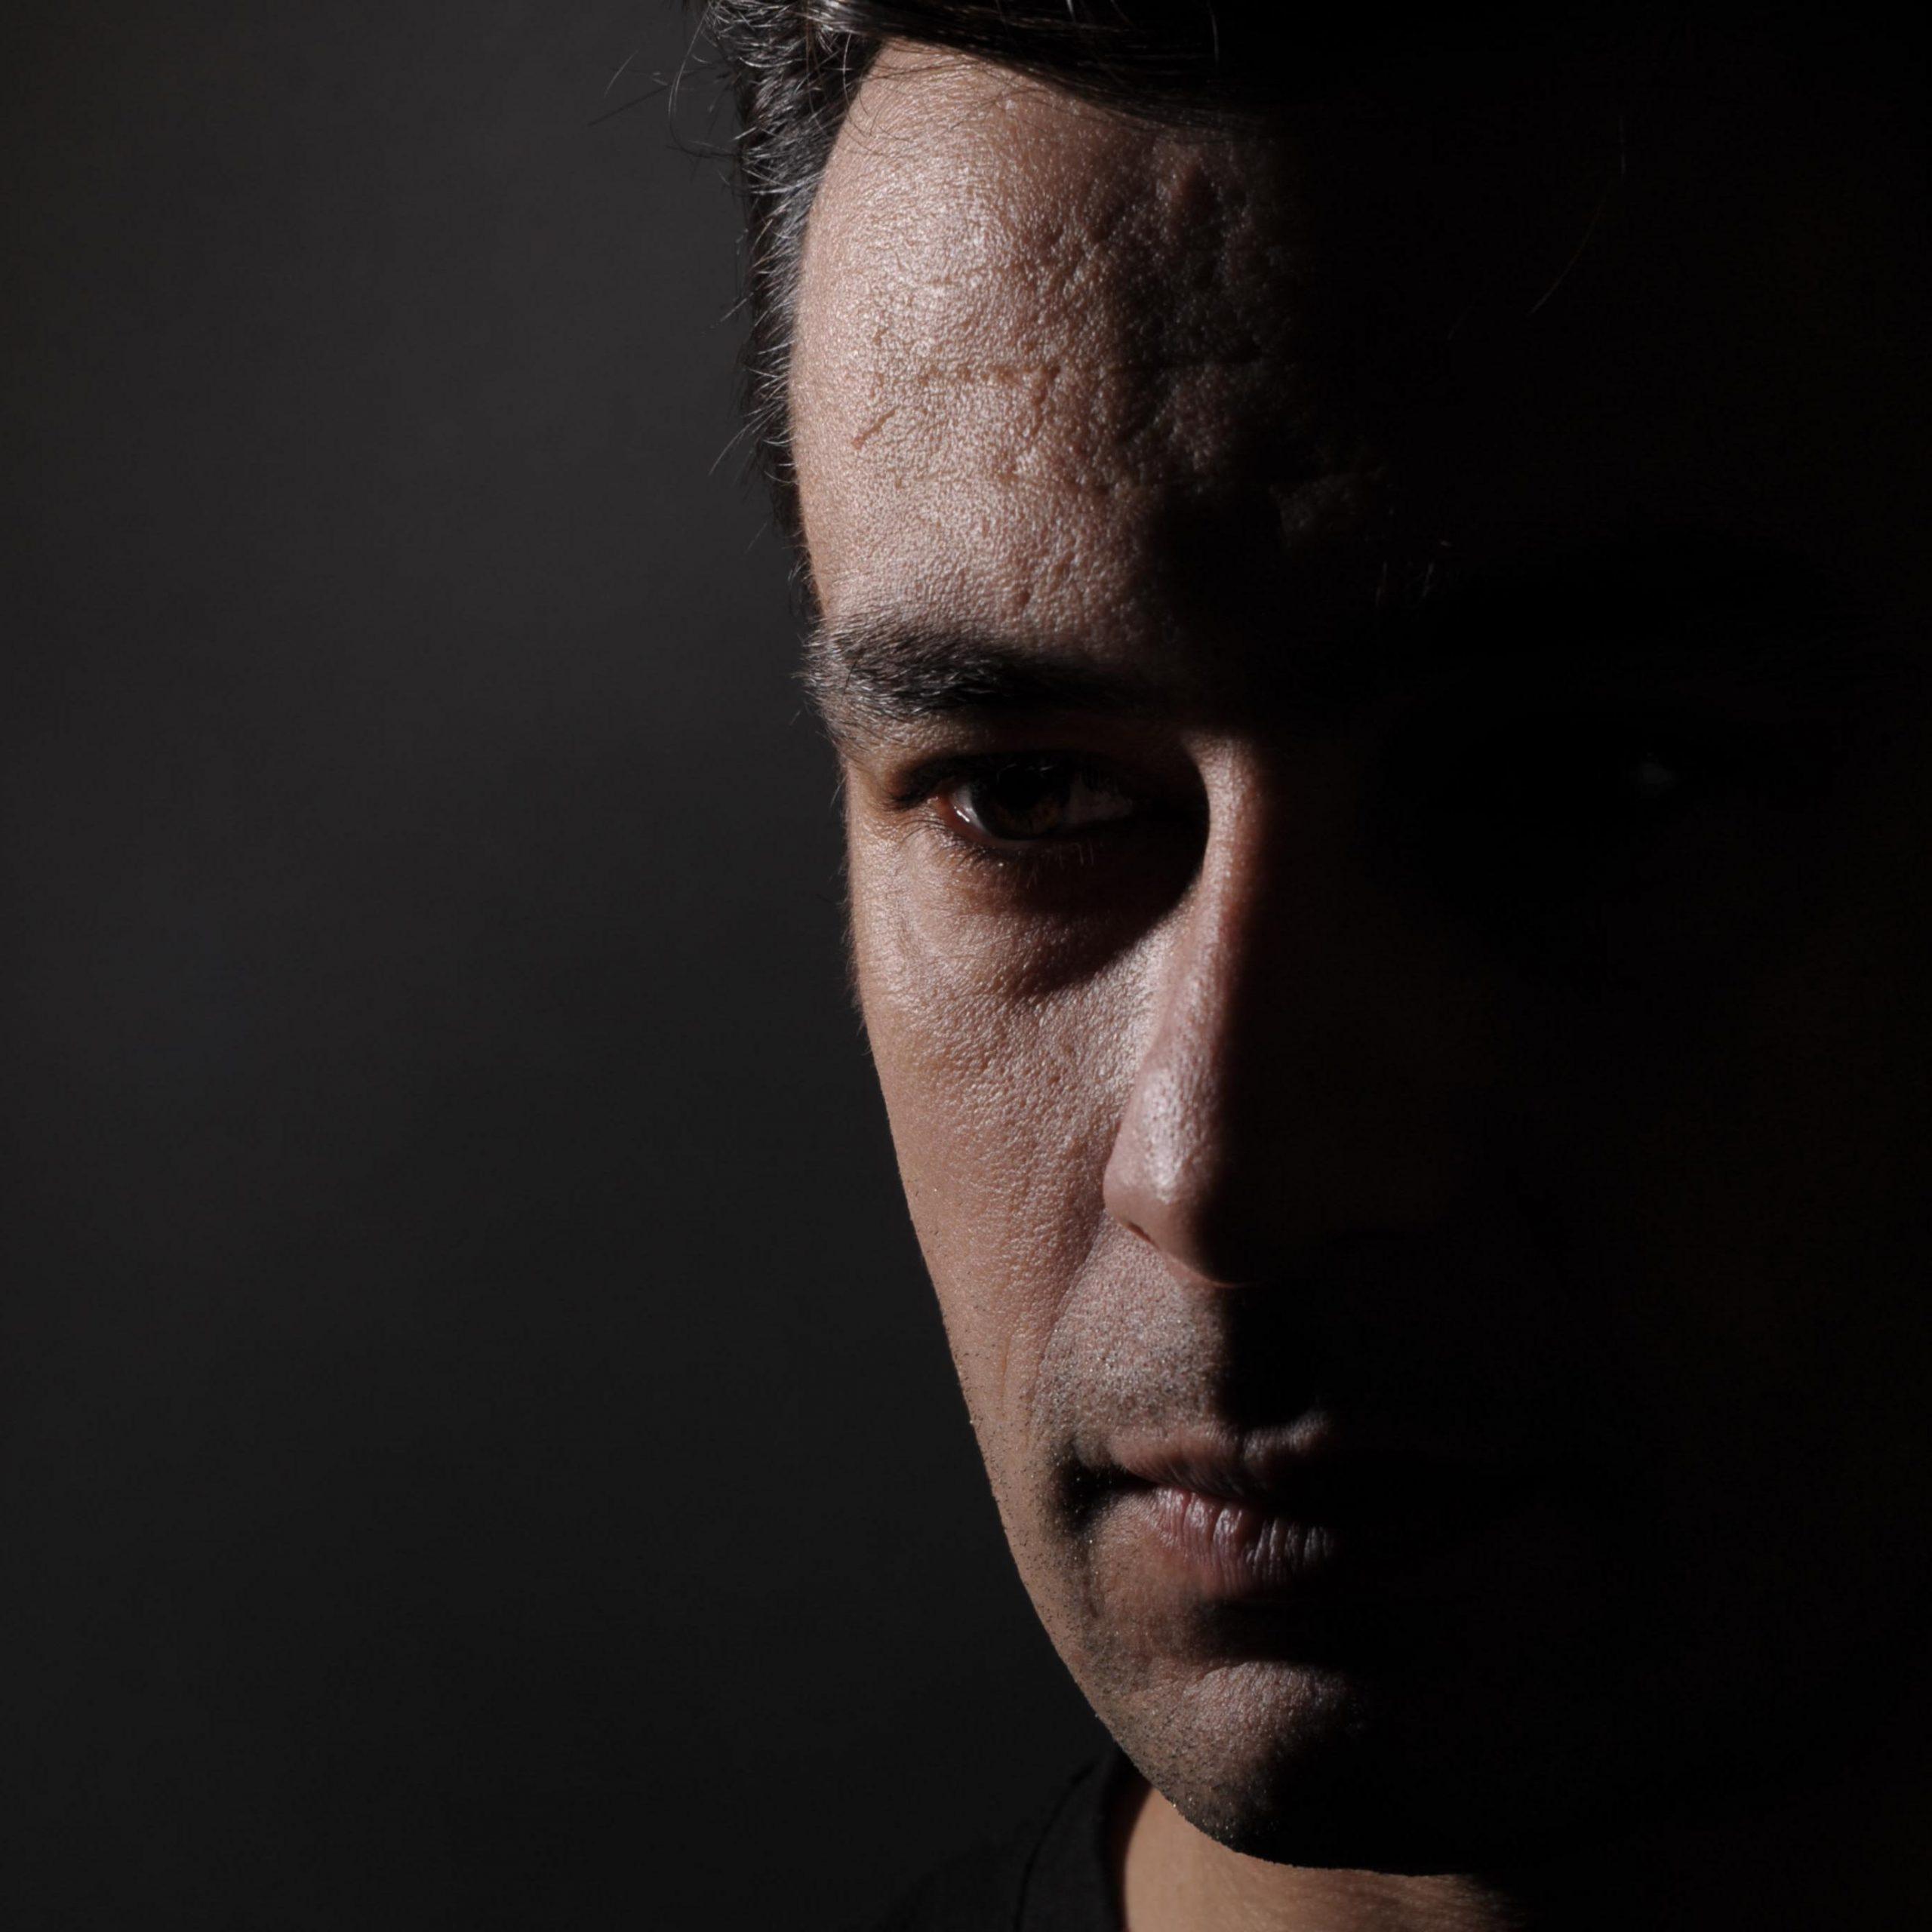 Πορτρέτο του Δημήτρη Ζωγραφάκη. Έχει μαύρα κοντά μαλλιά και μαύρα μάτια. Φορά μαύρο τισέρτ. Το μισό πρόσωπο βρίσκεται στη σκιά και κοιτάζει στο πλάι.